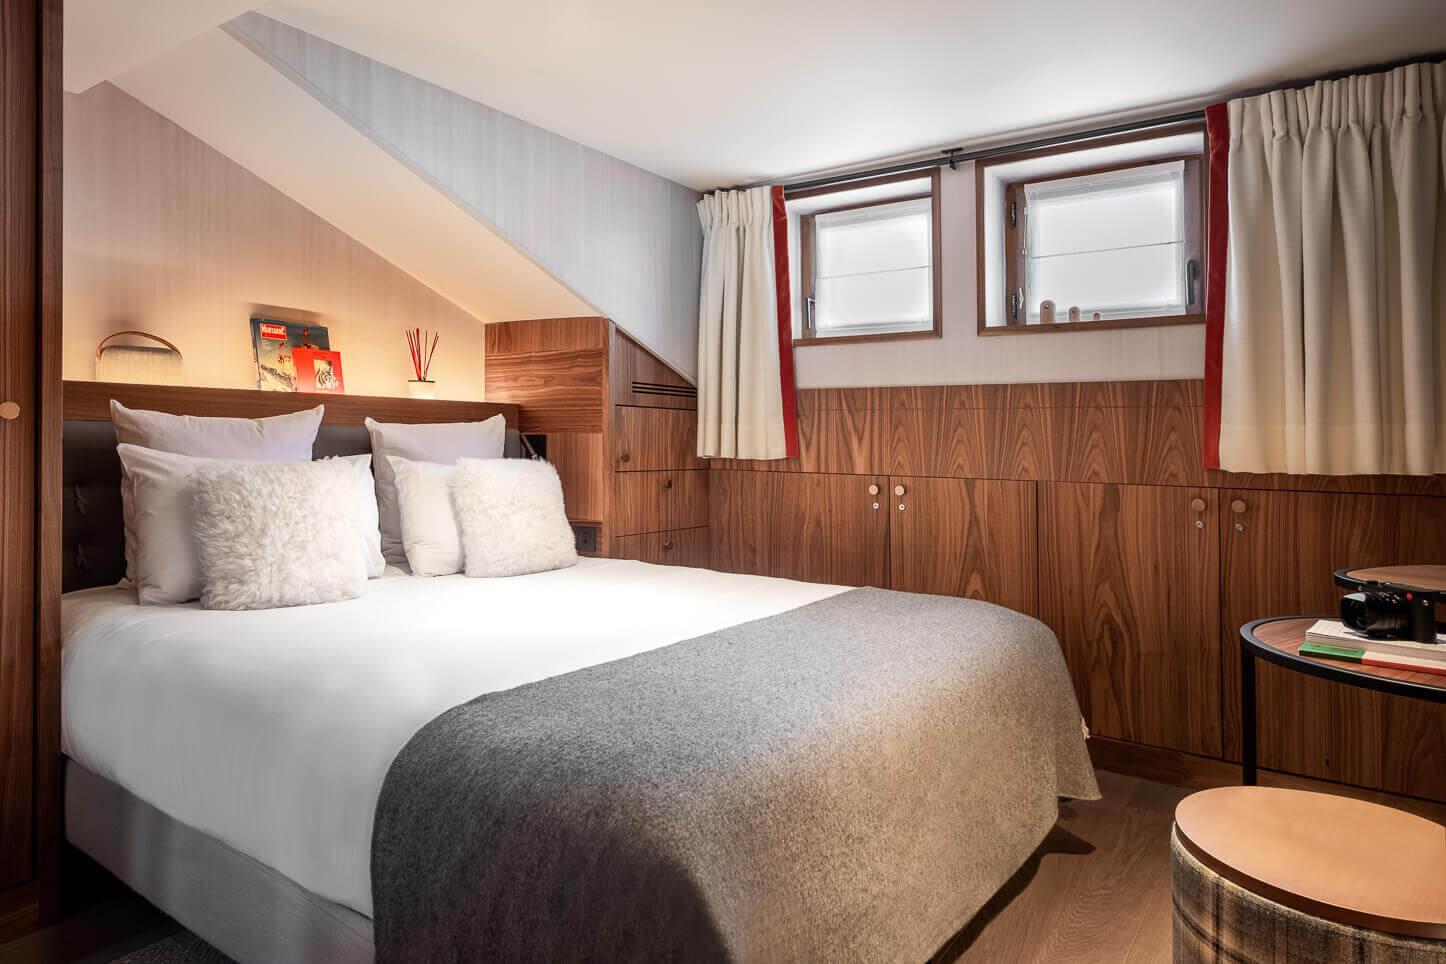 Chambre cosy - vue sur le lit